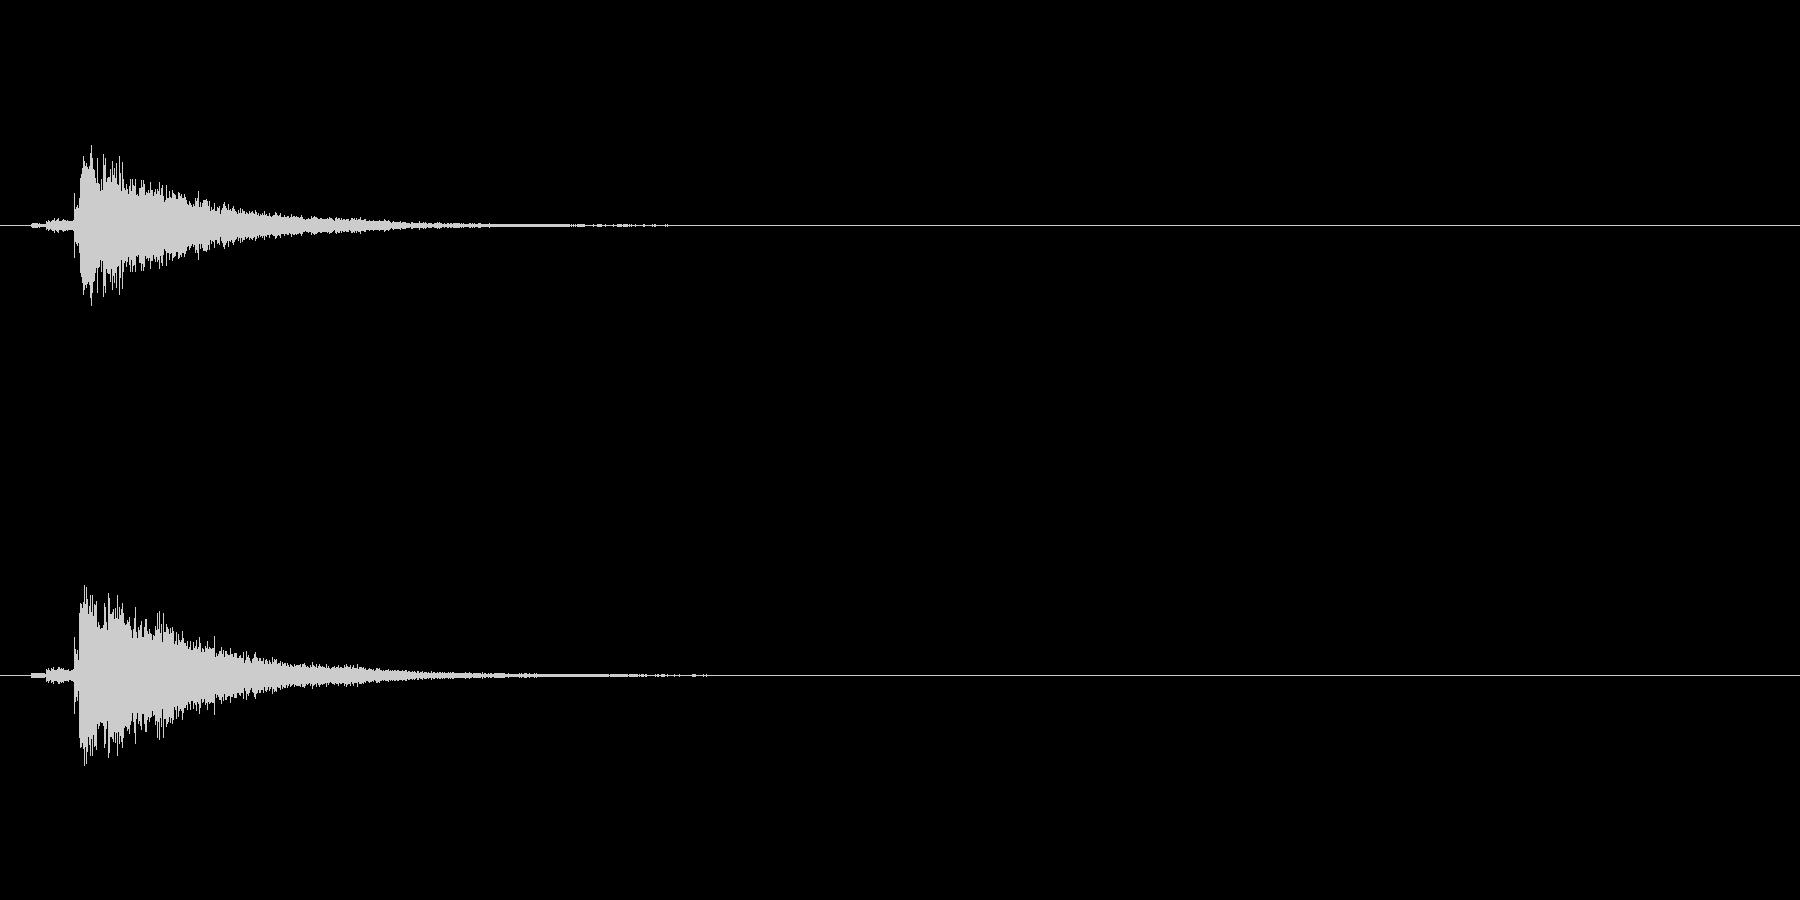 和製シンバル「みょうはち」の単発音+FXの未再生の波形